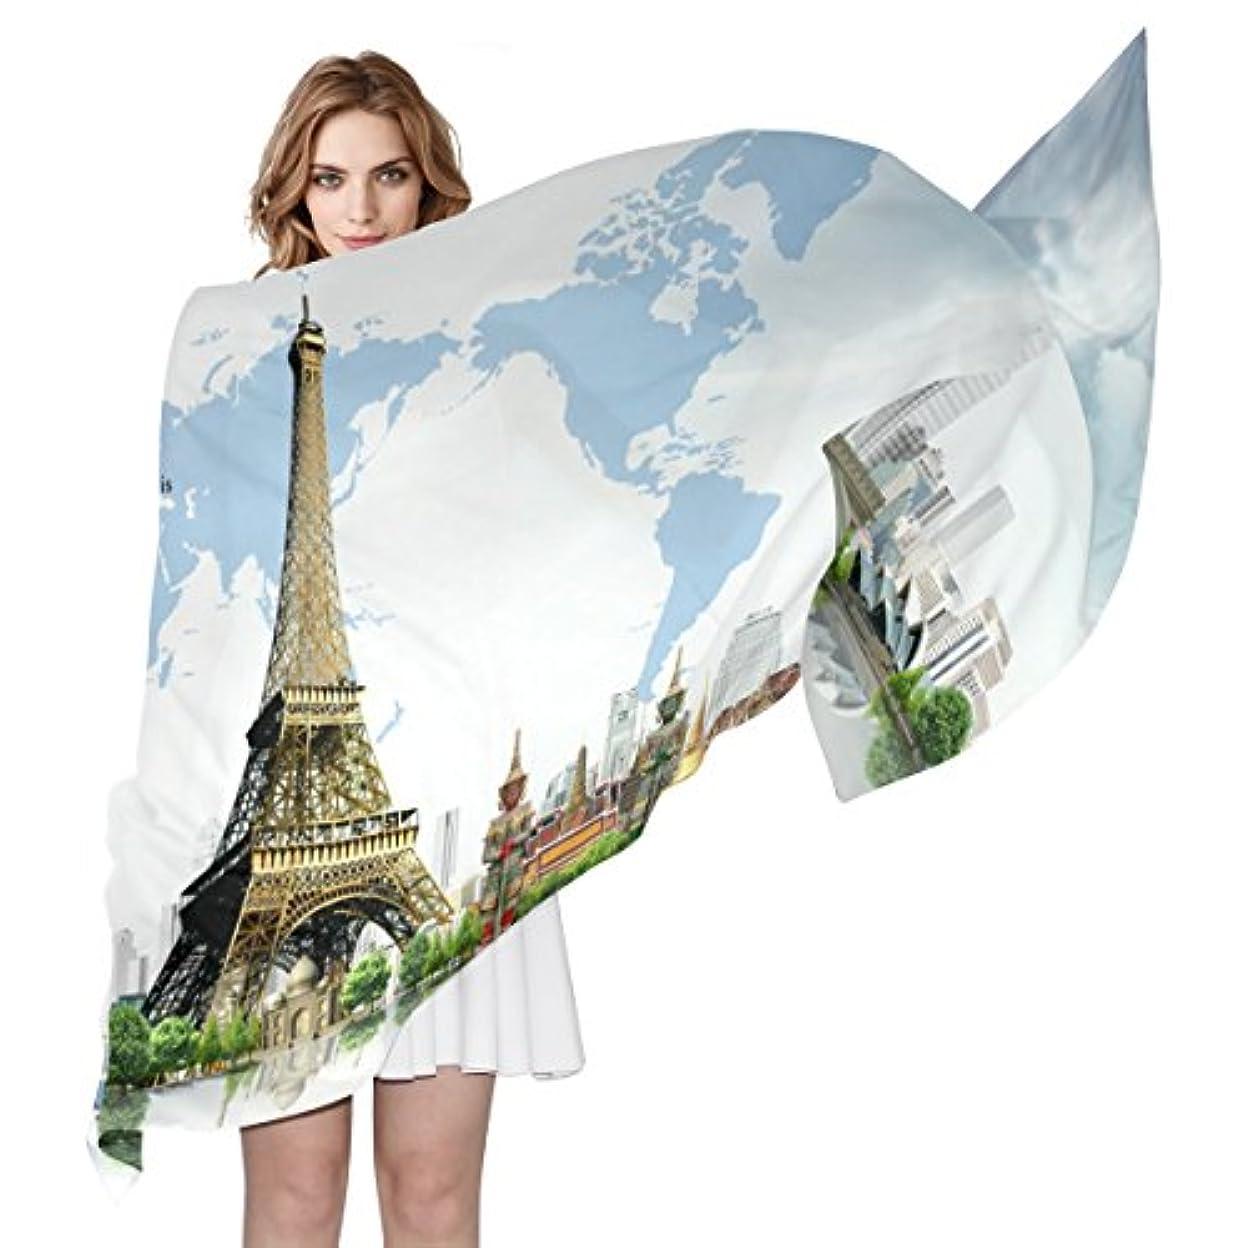 虐待計画独立GORIRA(ゴリラ) エッフェル塔 Paris 有名建物 ロング 人気 おしゃれ 個性 スカーフ ストール バンダナ 肌触り抜群 薄手 プレゼント レディース やわらかい シフォン 絹のスカーフ 90x180cm